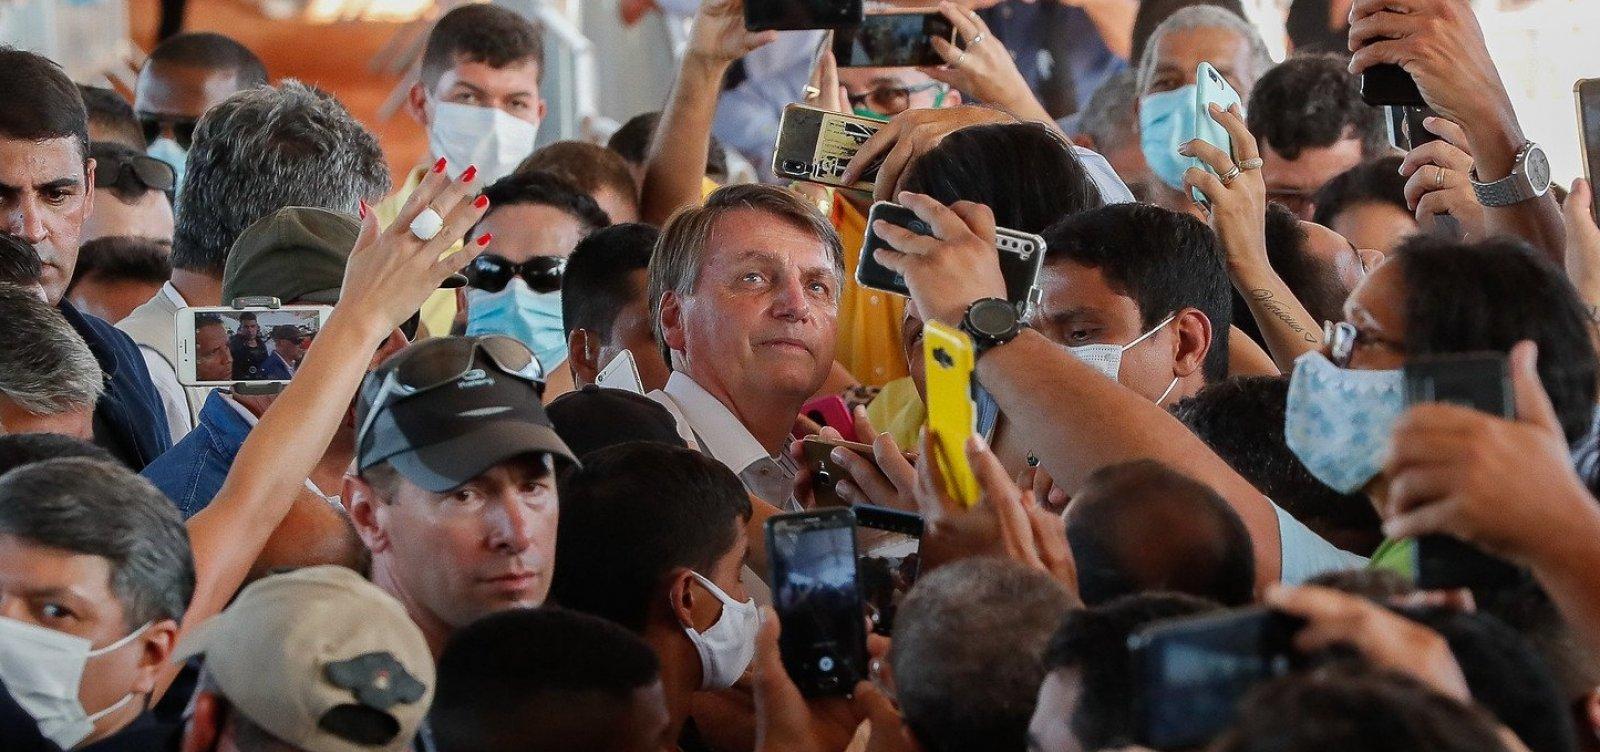 'Não adianta ficar em casa chorando', opina Bolsonaro sobre medidas de isolamento